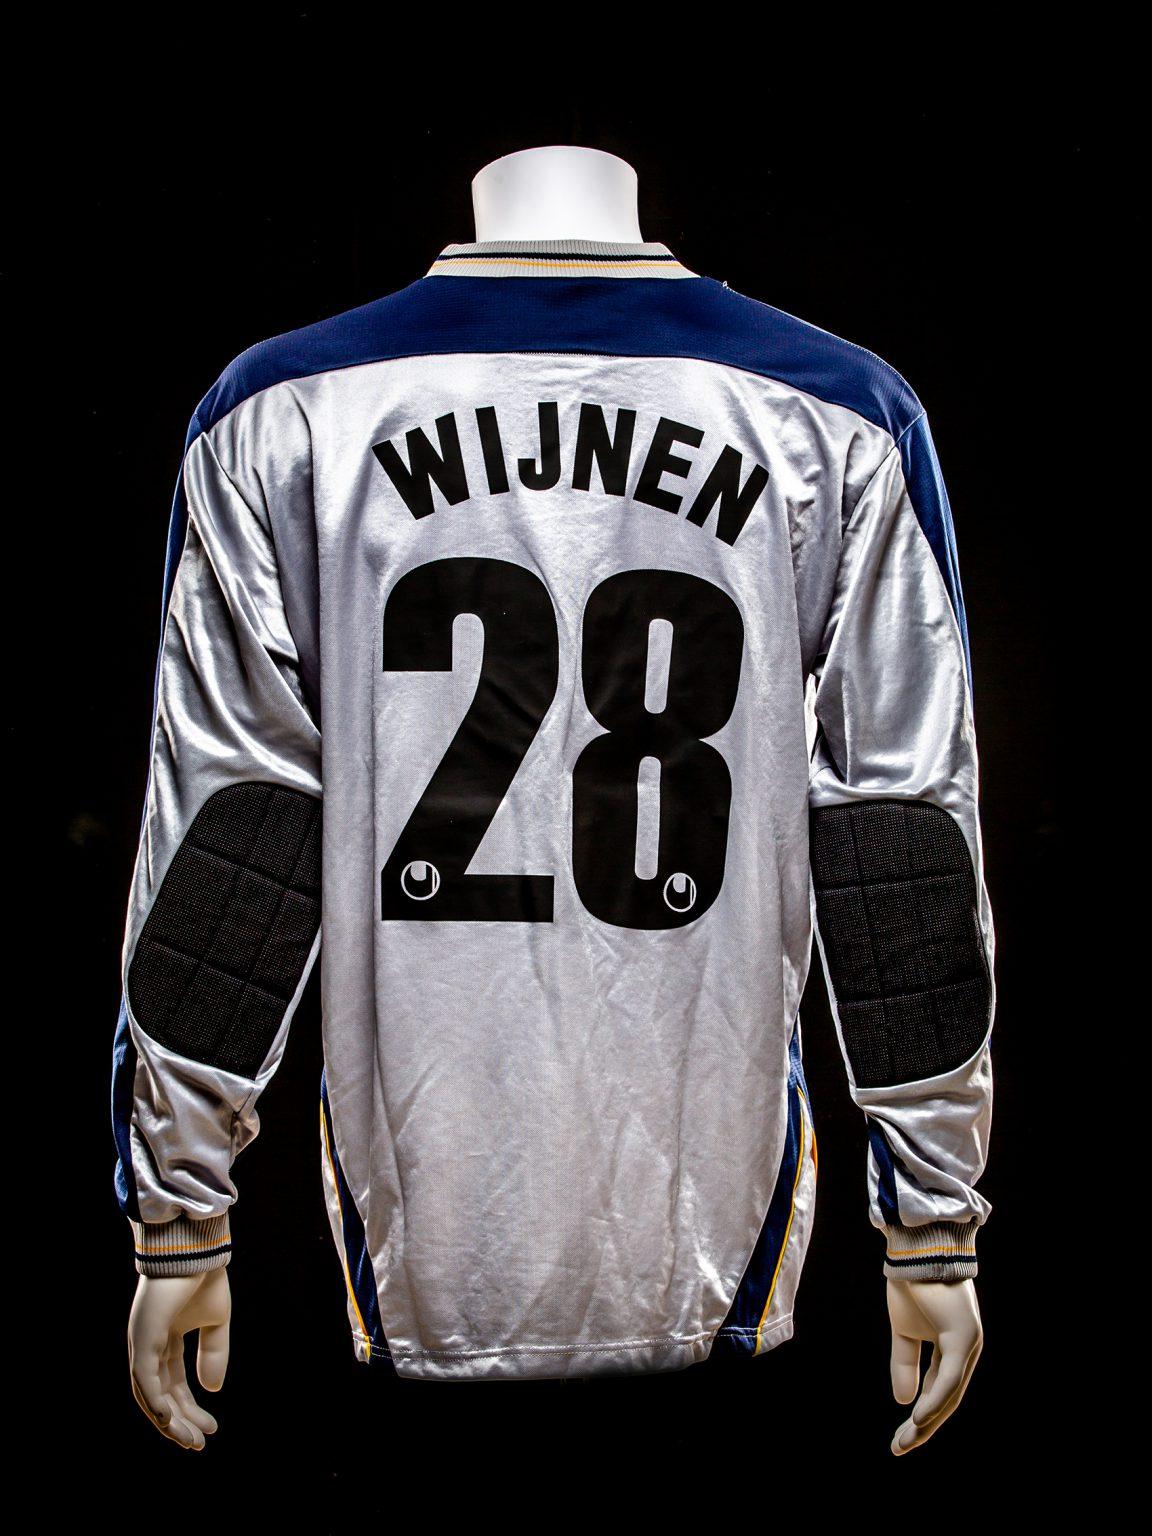 #28 Bas Wijnen